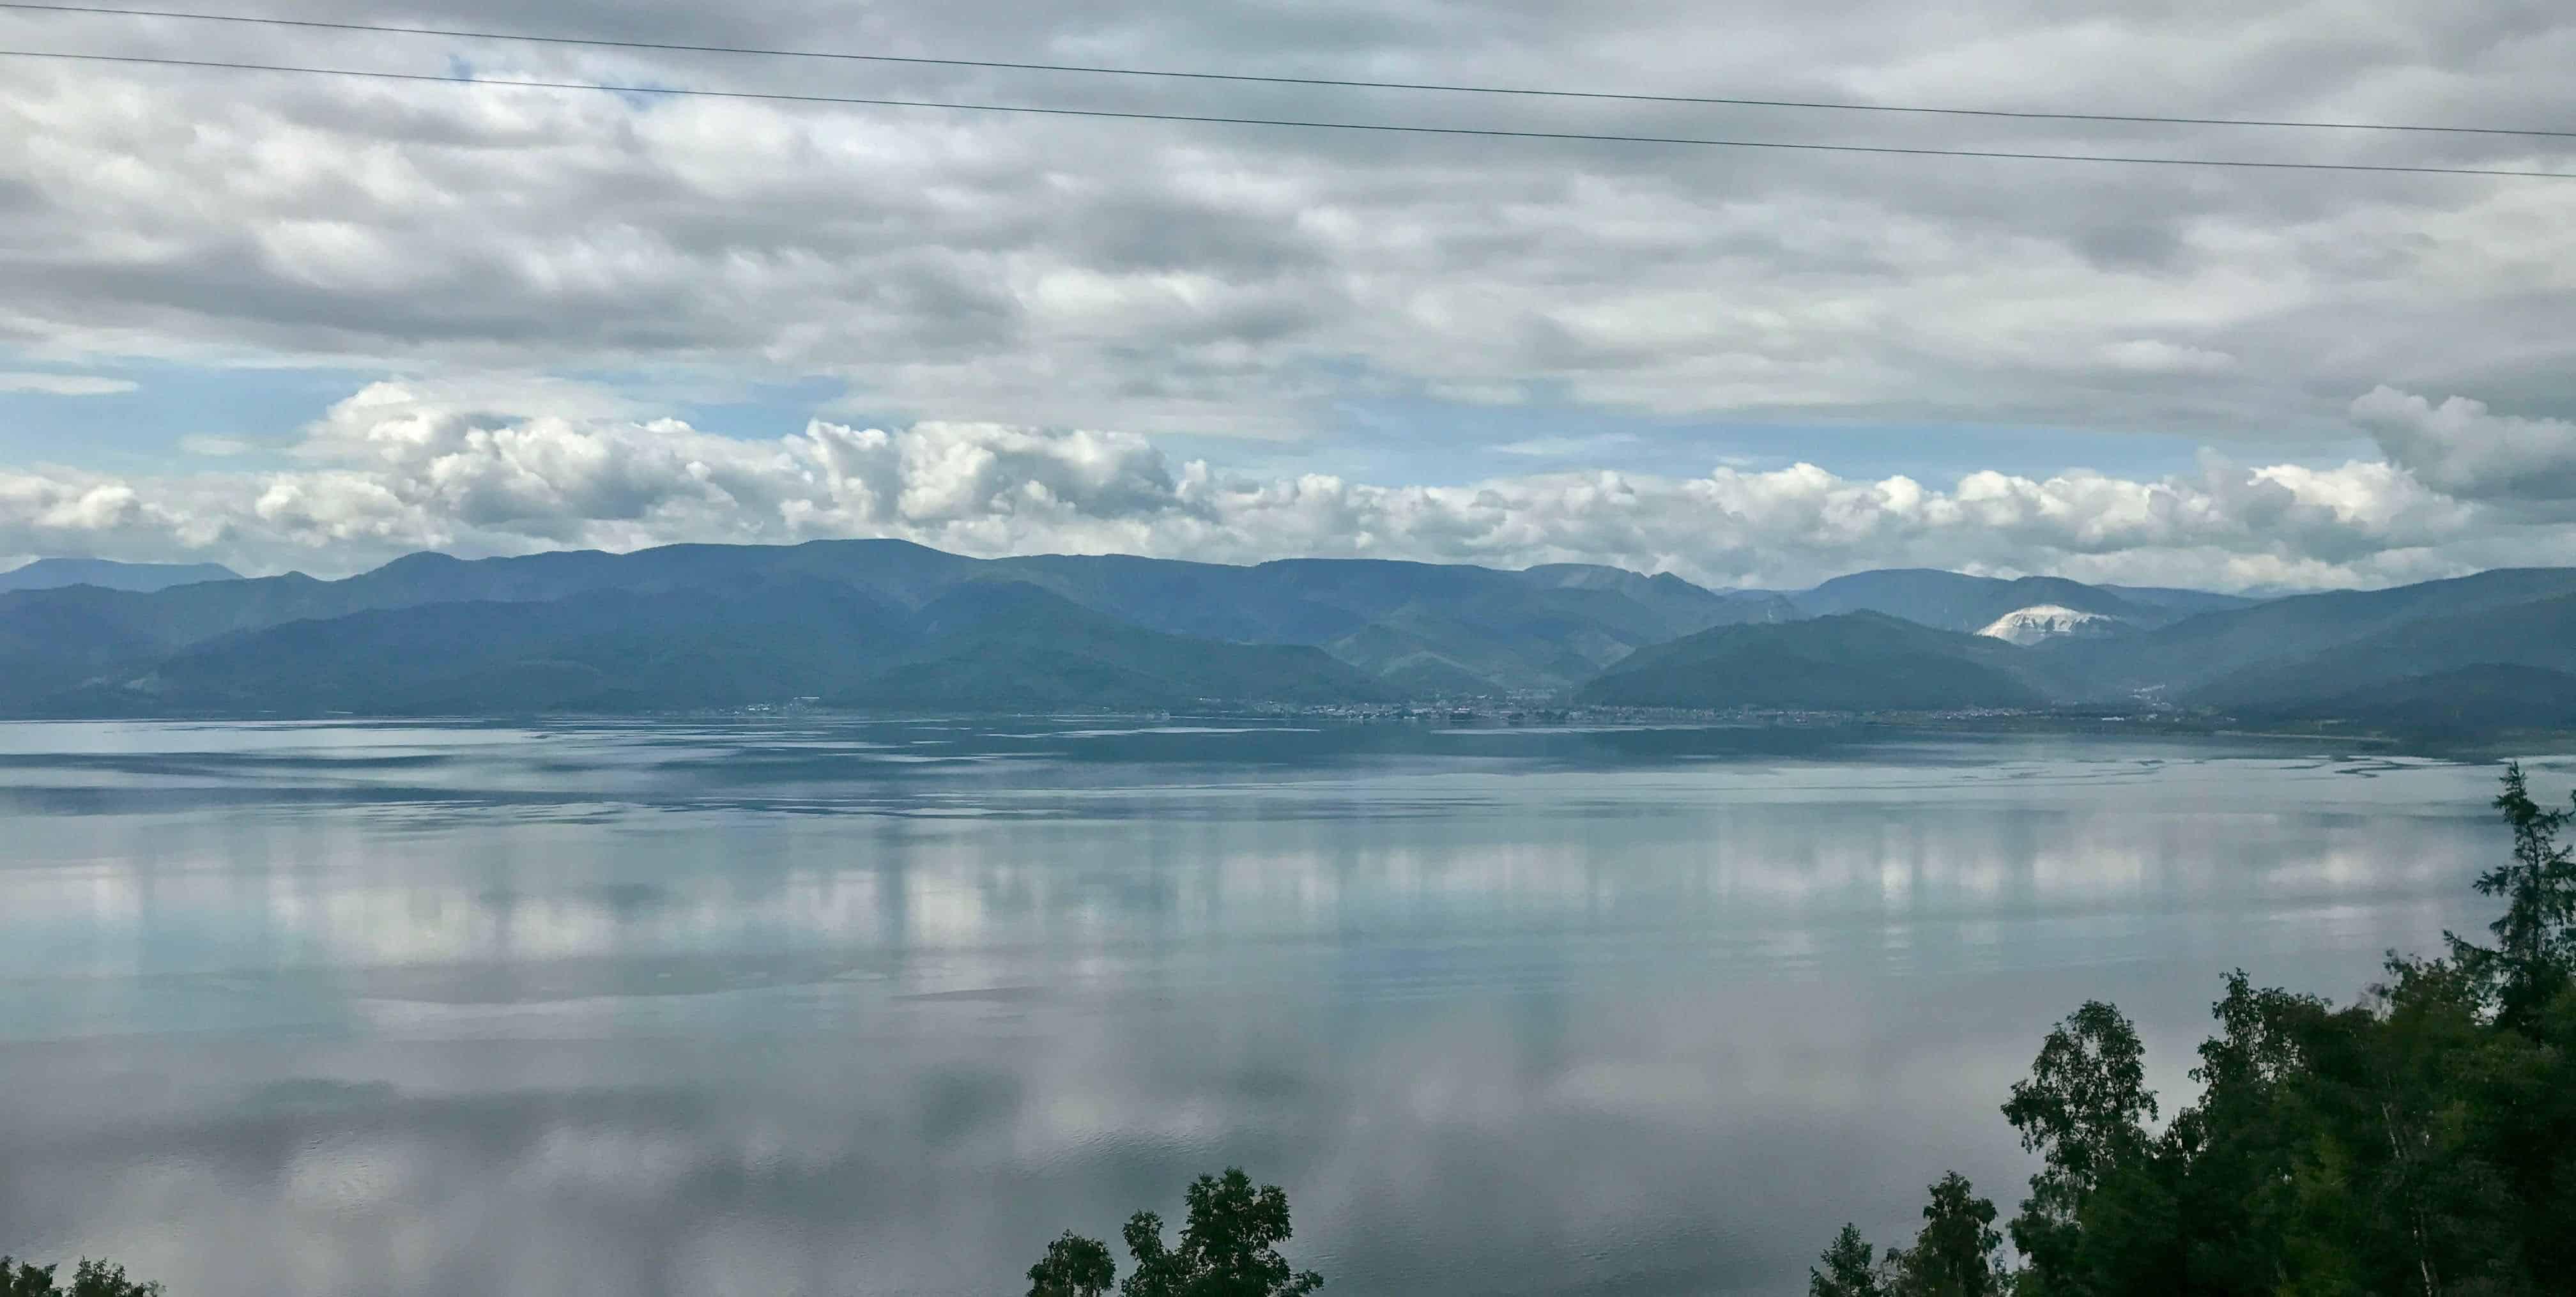 Lake Baikal betternotstop